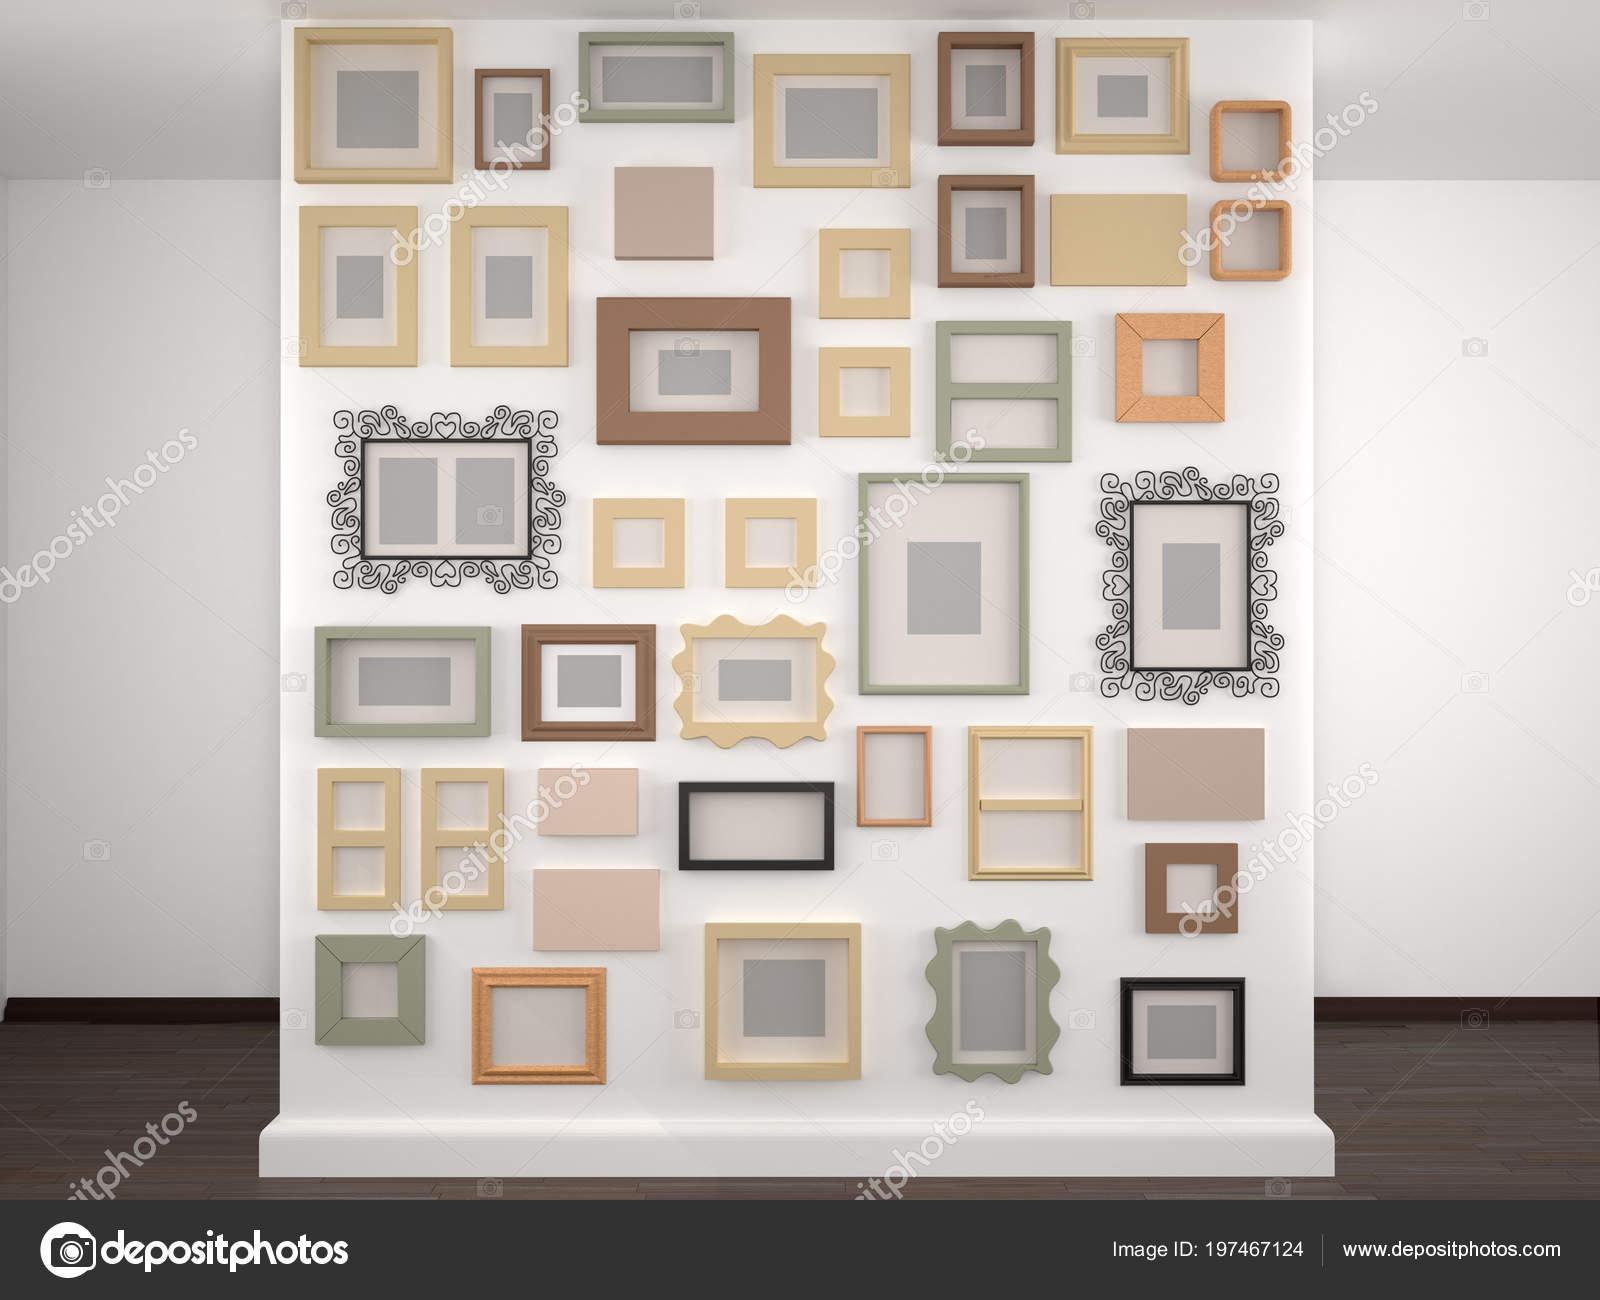 Diferentes Cuadros Una Pared Blanca Ilustracion Foto De Stock - Cuadros-diferentes